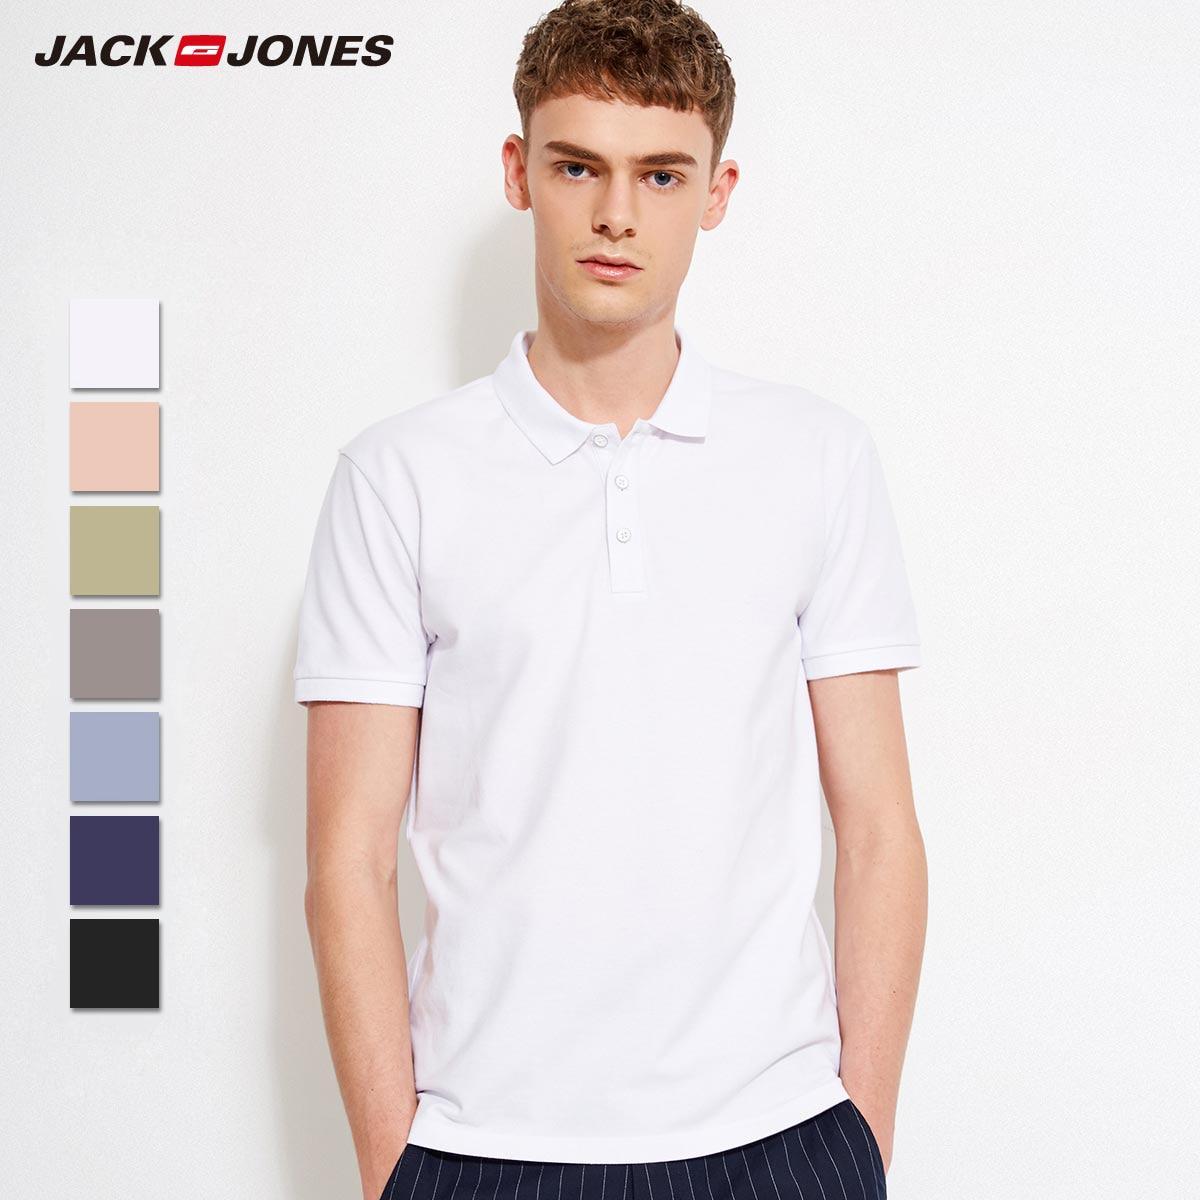 Algodão Slim Fit dos homens JackJones Smart Business Casual Top Básico Camisa  PÓLO Dos Homens de Manga Curta Top Nova Marca moda 218106516 d4ef8b90af4e3